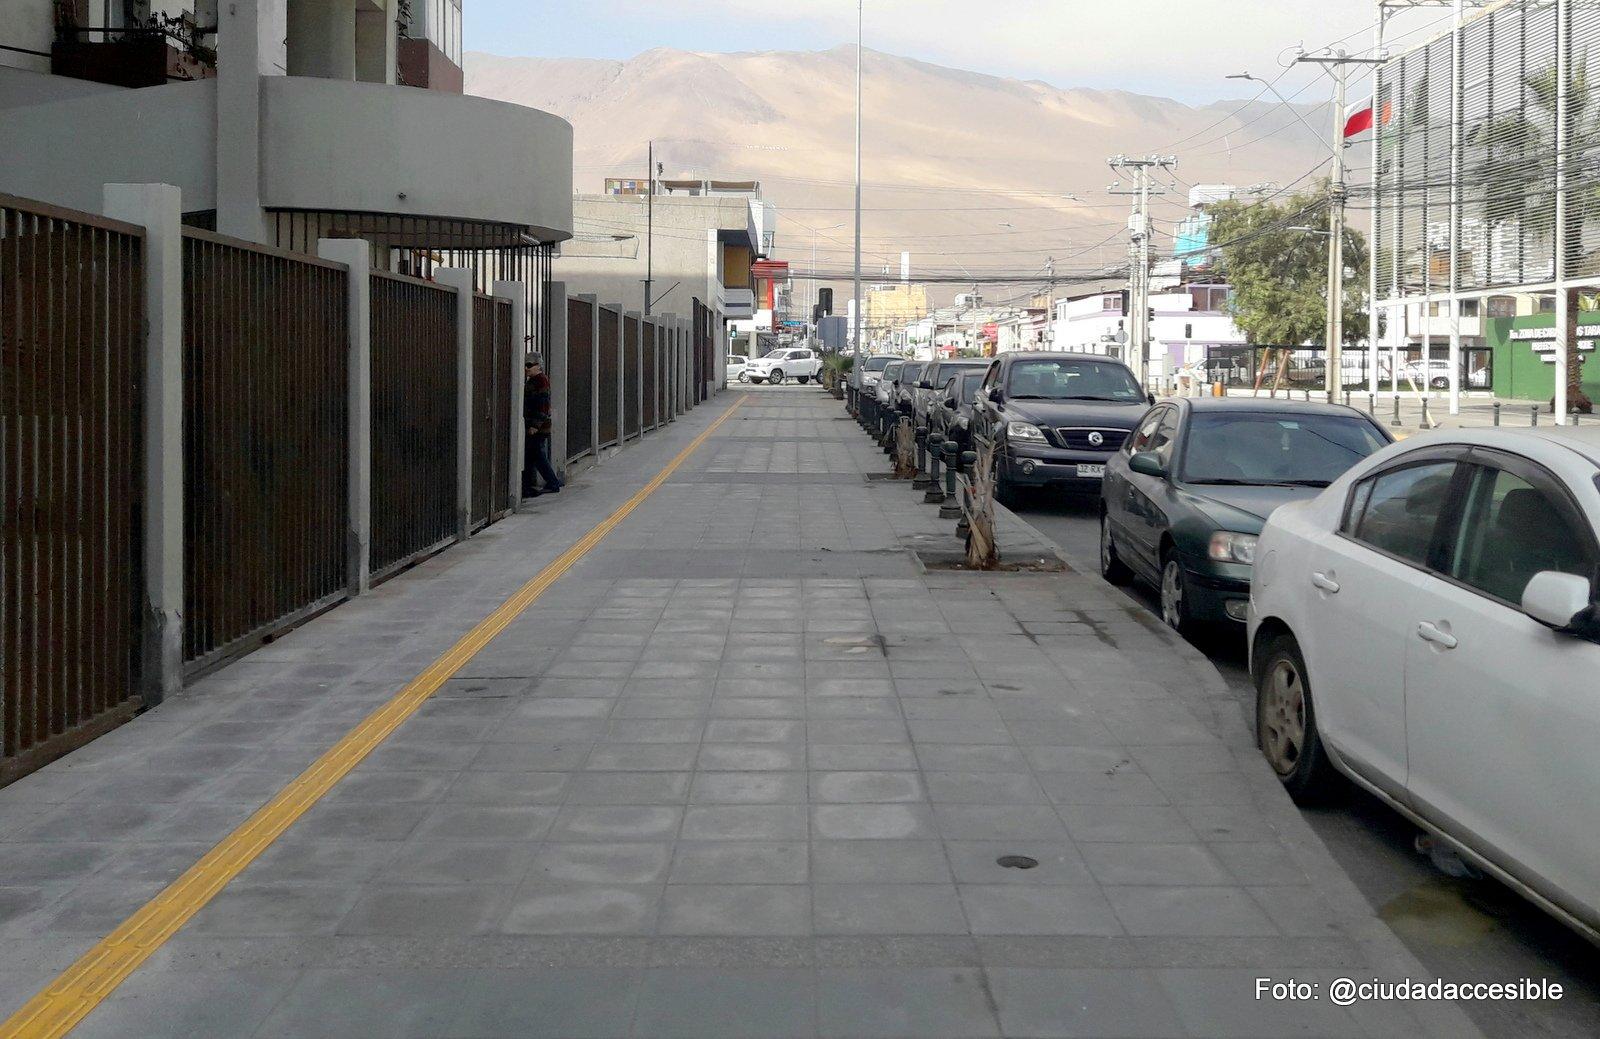 guía podotáctil de avance a lo largo de una vereda y paralela a una edificación